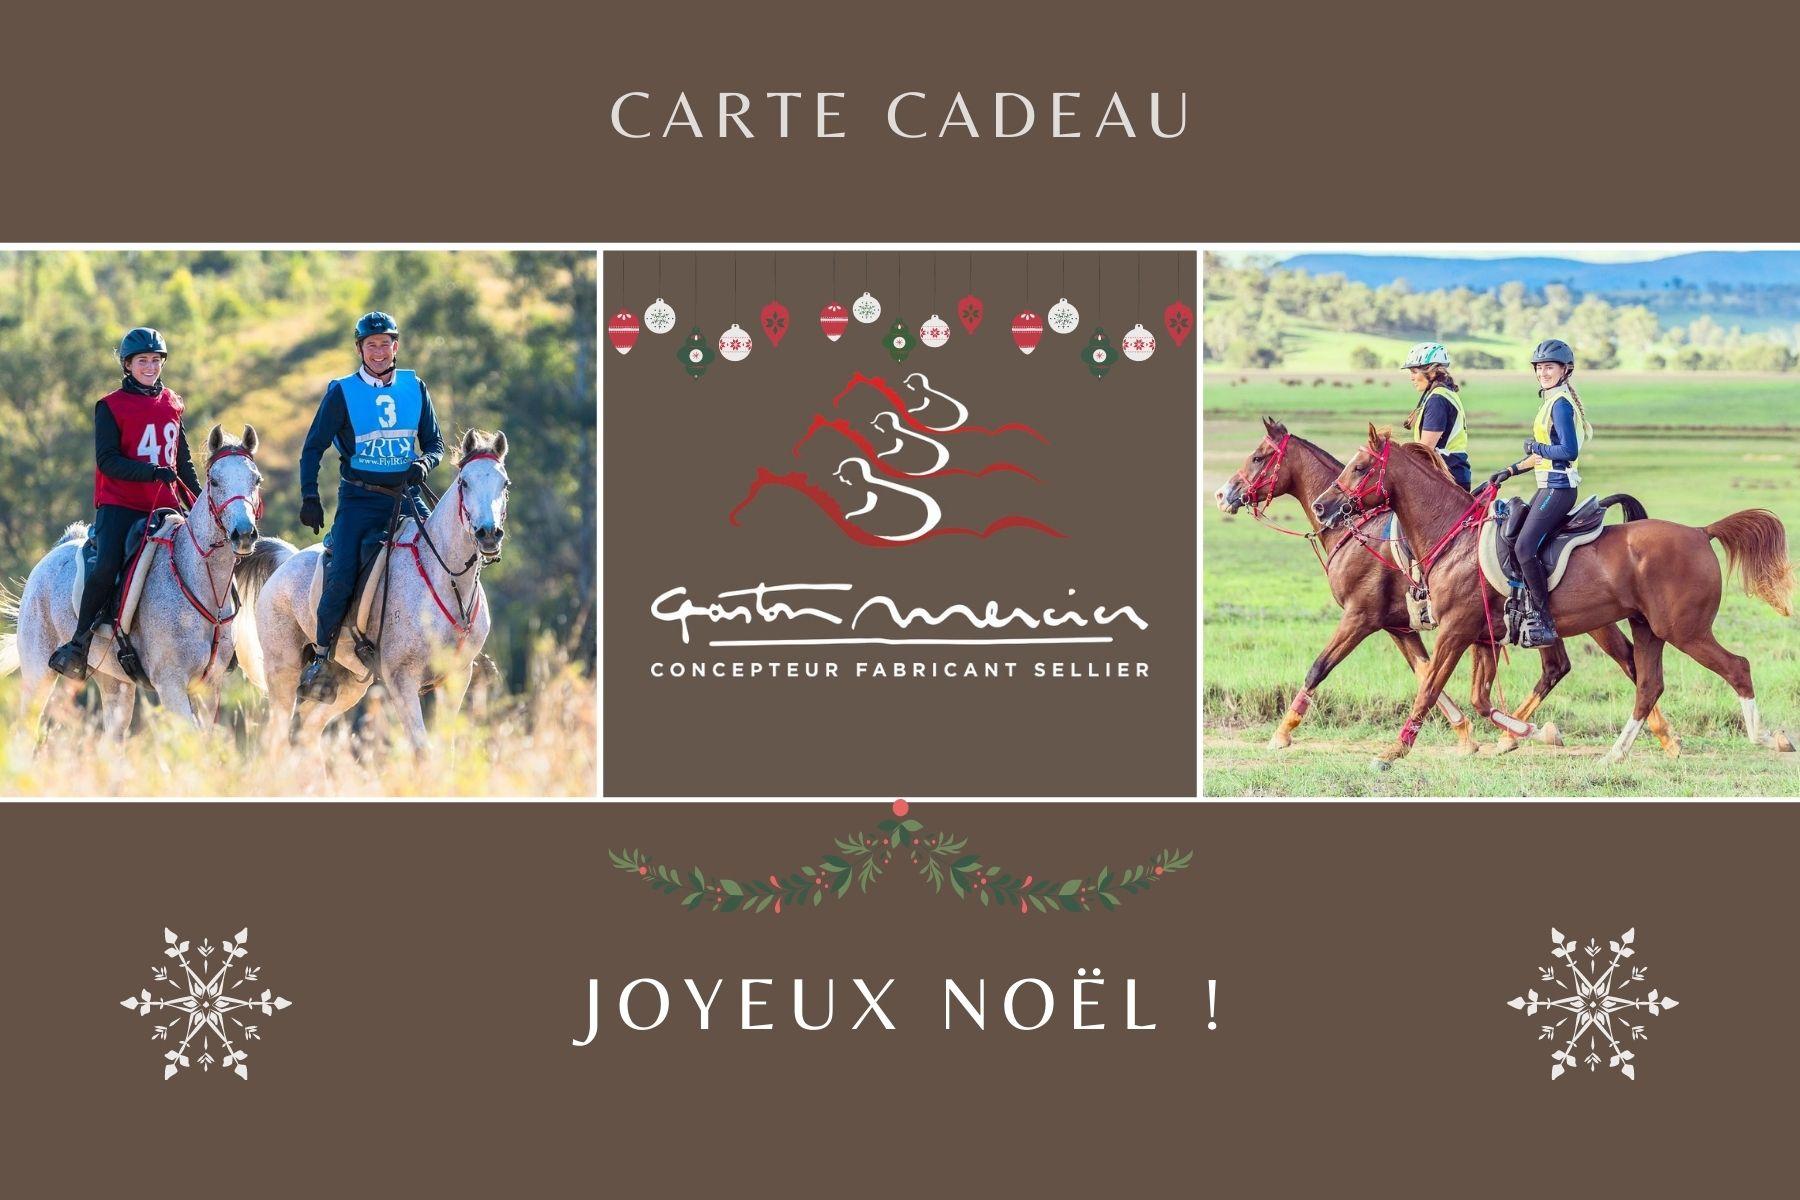 Carte cadeau Gaston Mercier